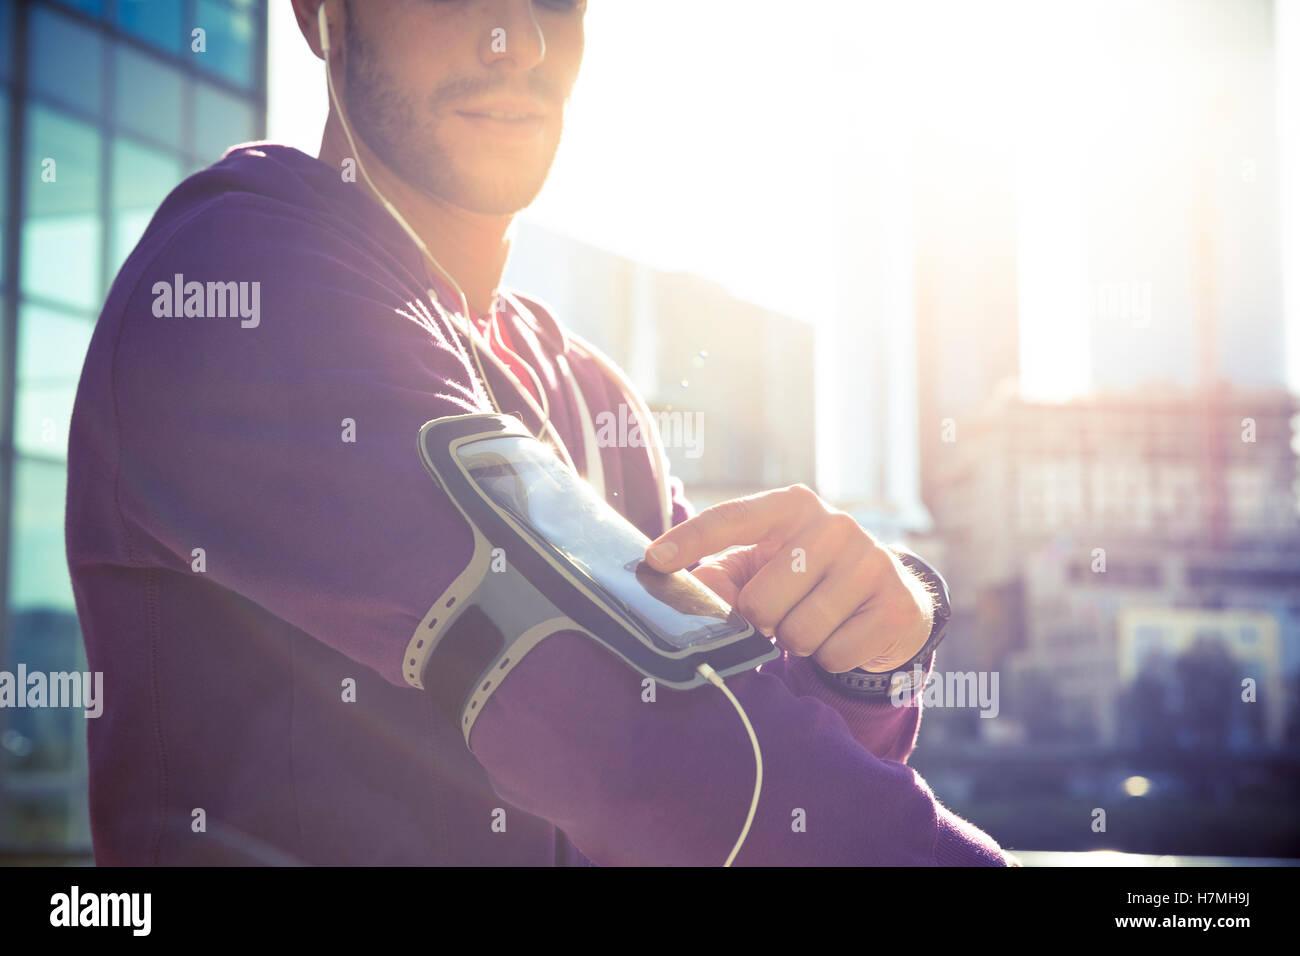 Ejecutando workout man escuchando música con el reproductor de mp3 o teléfono móvil inteligente del Imagen De Stock